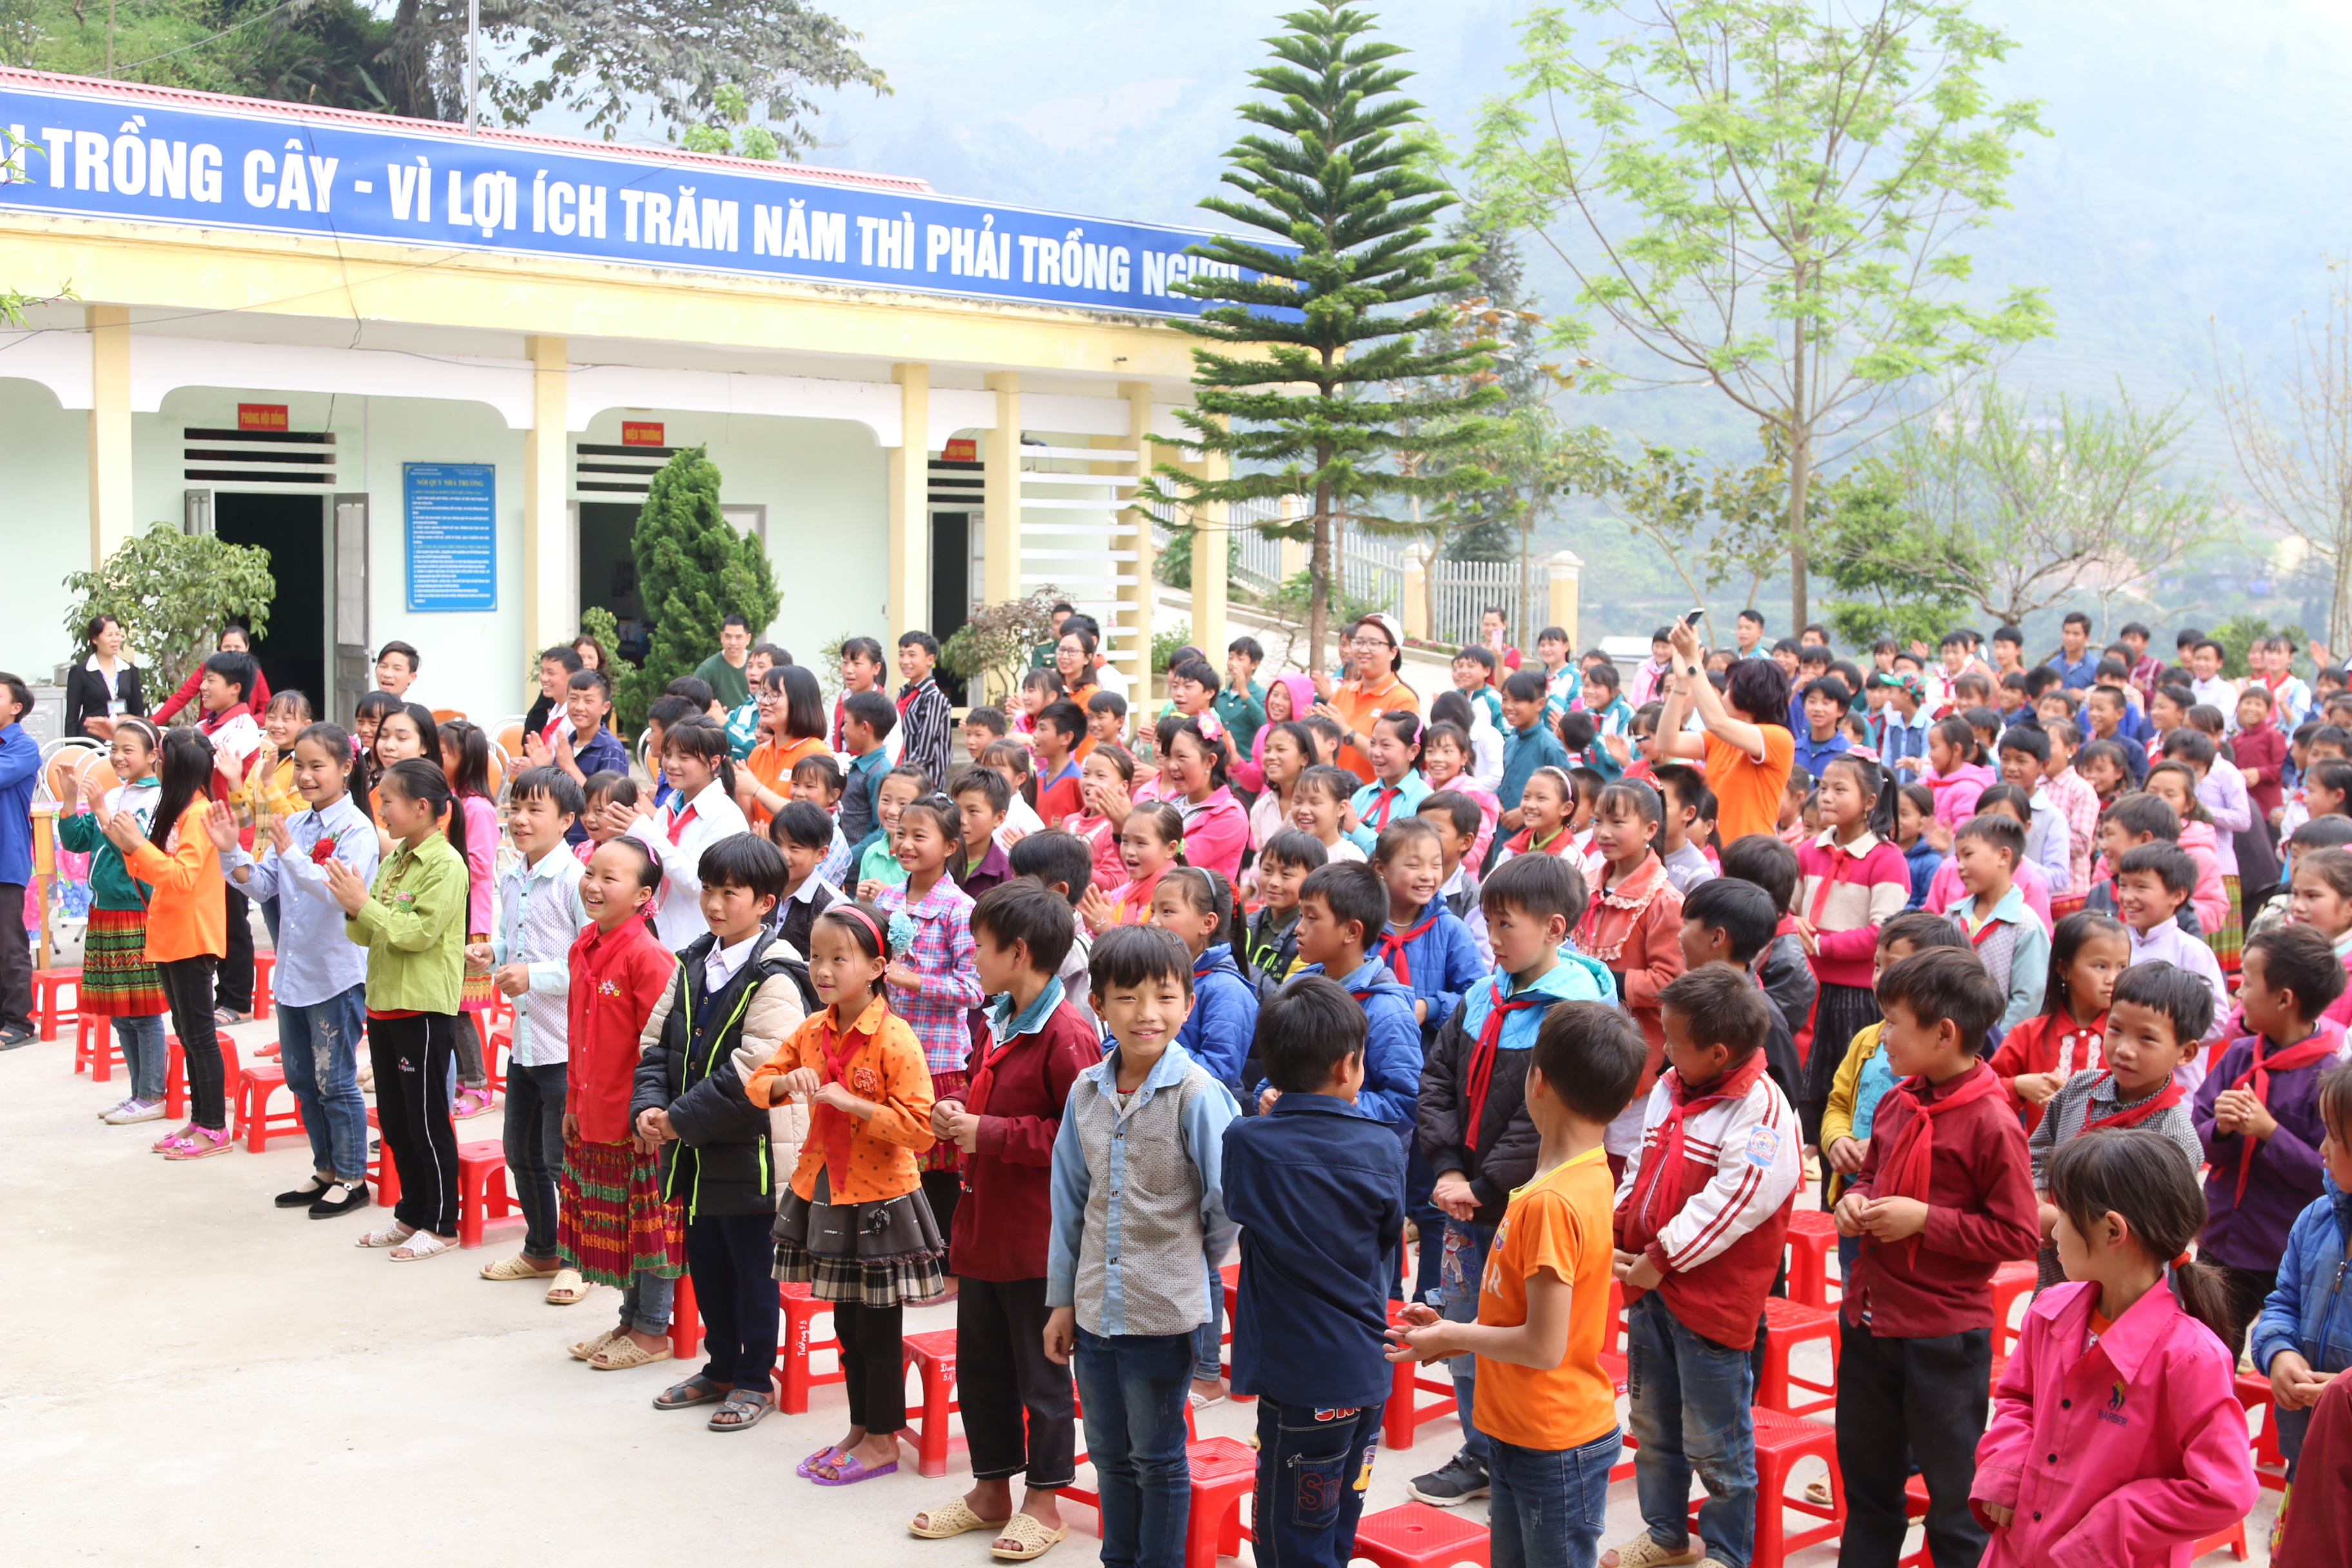 Trường nằm ở lưng chừng núi, thuộc vùng chính sách số 3 với 19 lớp học, 498 học sinh cấp 1 và 2. Học sinh của trường 100% là dân tộc H'mông, học nội trú và bán trú tại trường.